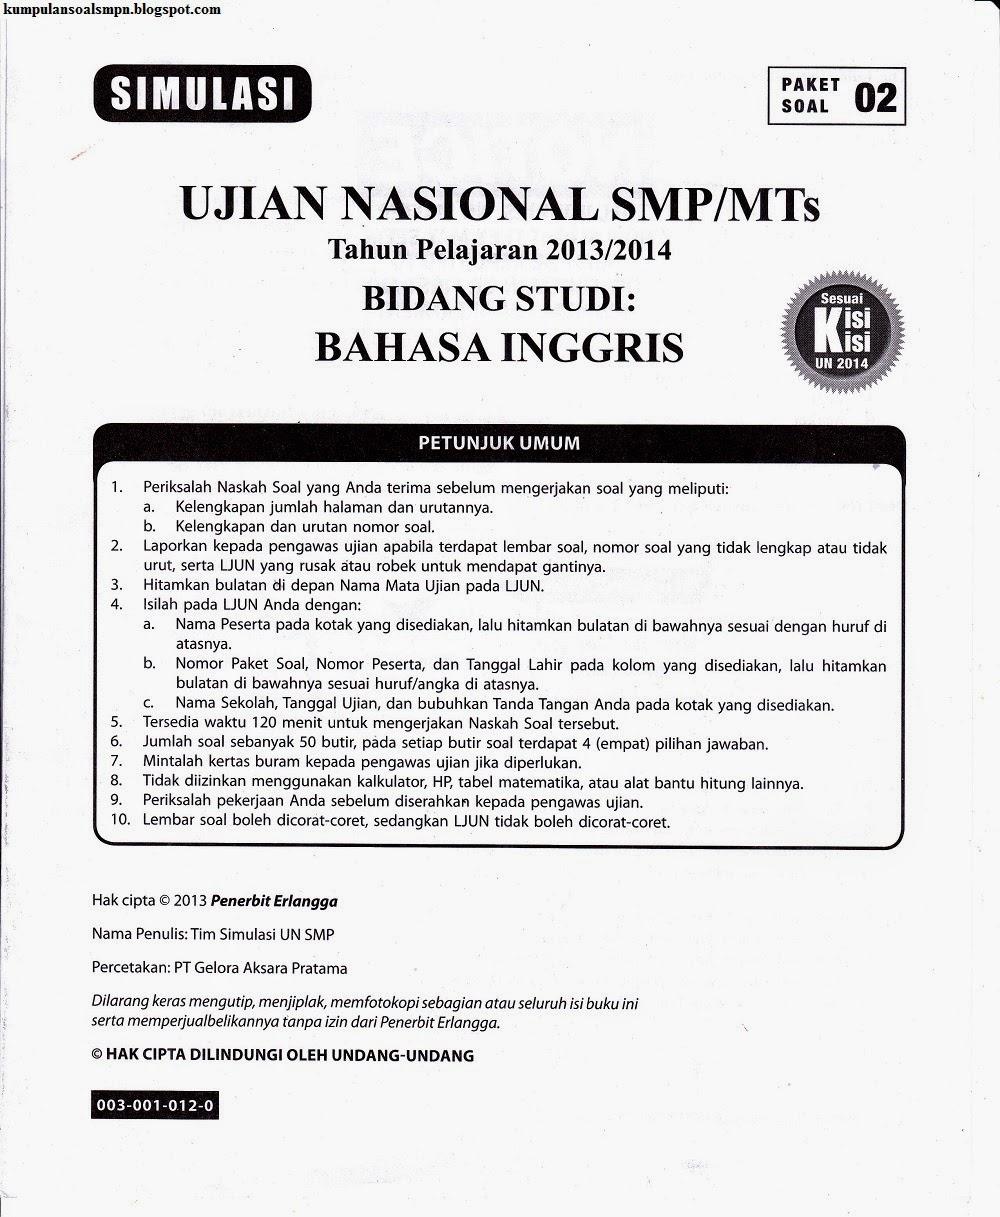 Simulasi Un Bahasa Inggris Smp 2013 2014 Kumpulan Soal Dan Prediksi Ujian Nasional Smp Negeri